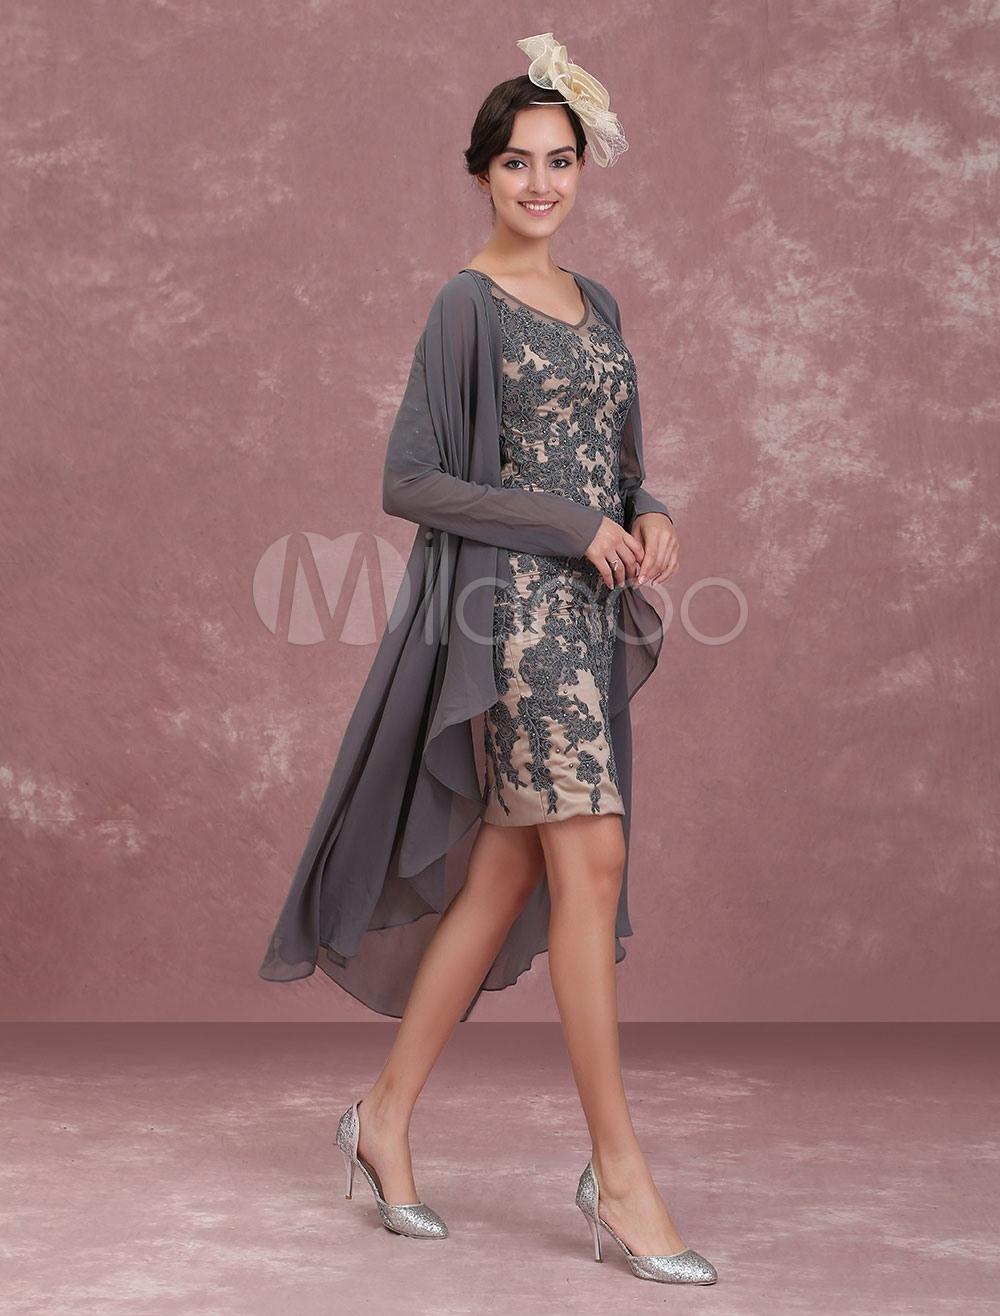 15 Coolste Kleid Für Hochzeit Als Gast Galerie Elegant Kleid Für Hochzeit Als Gast für 2019